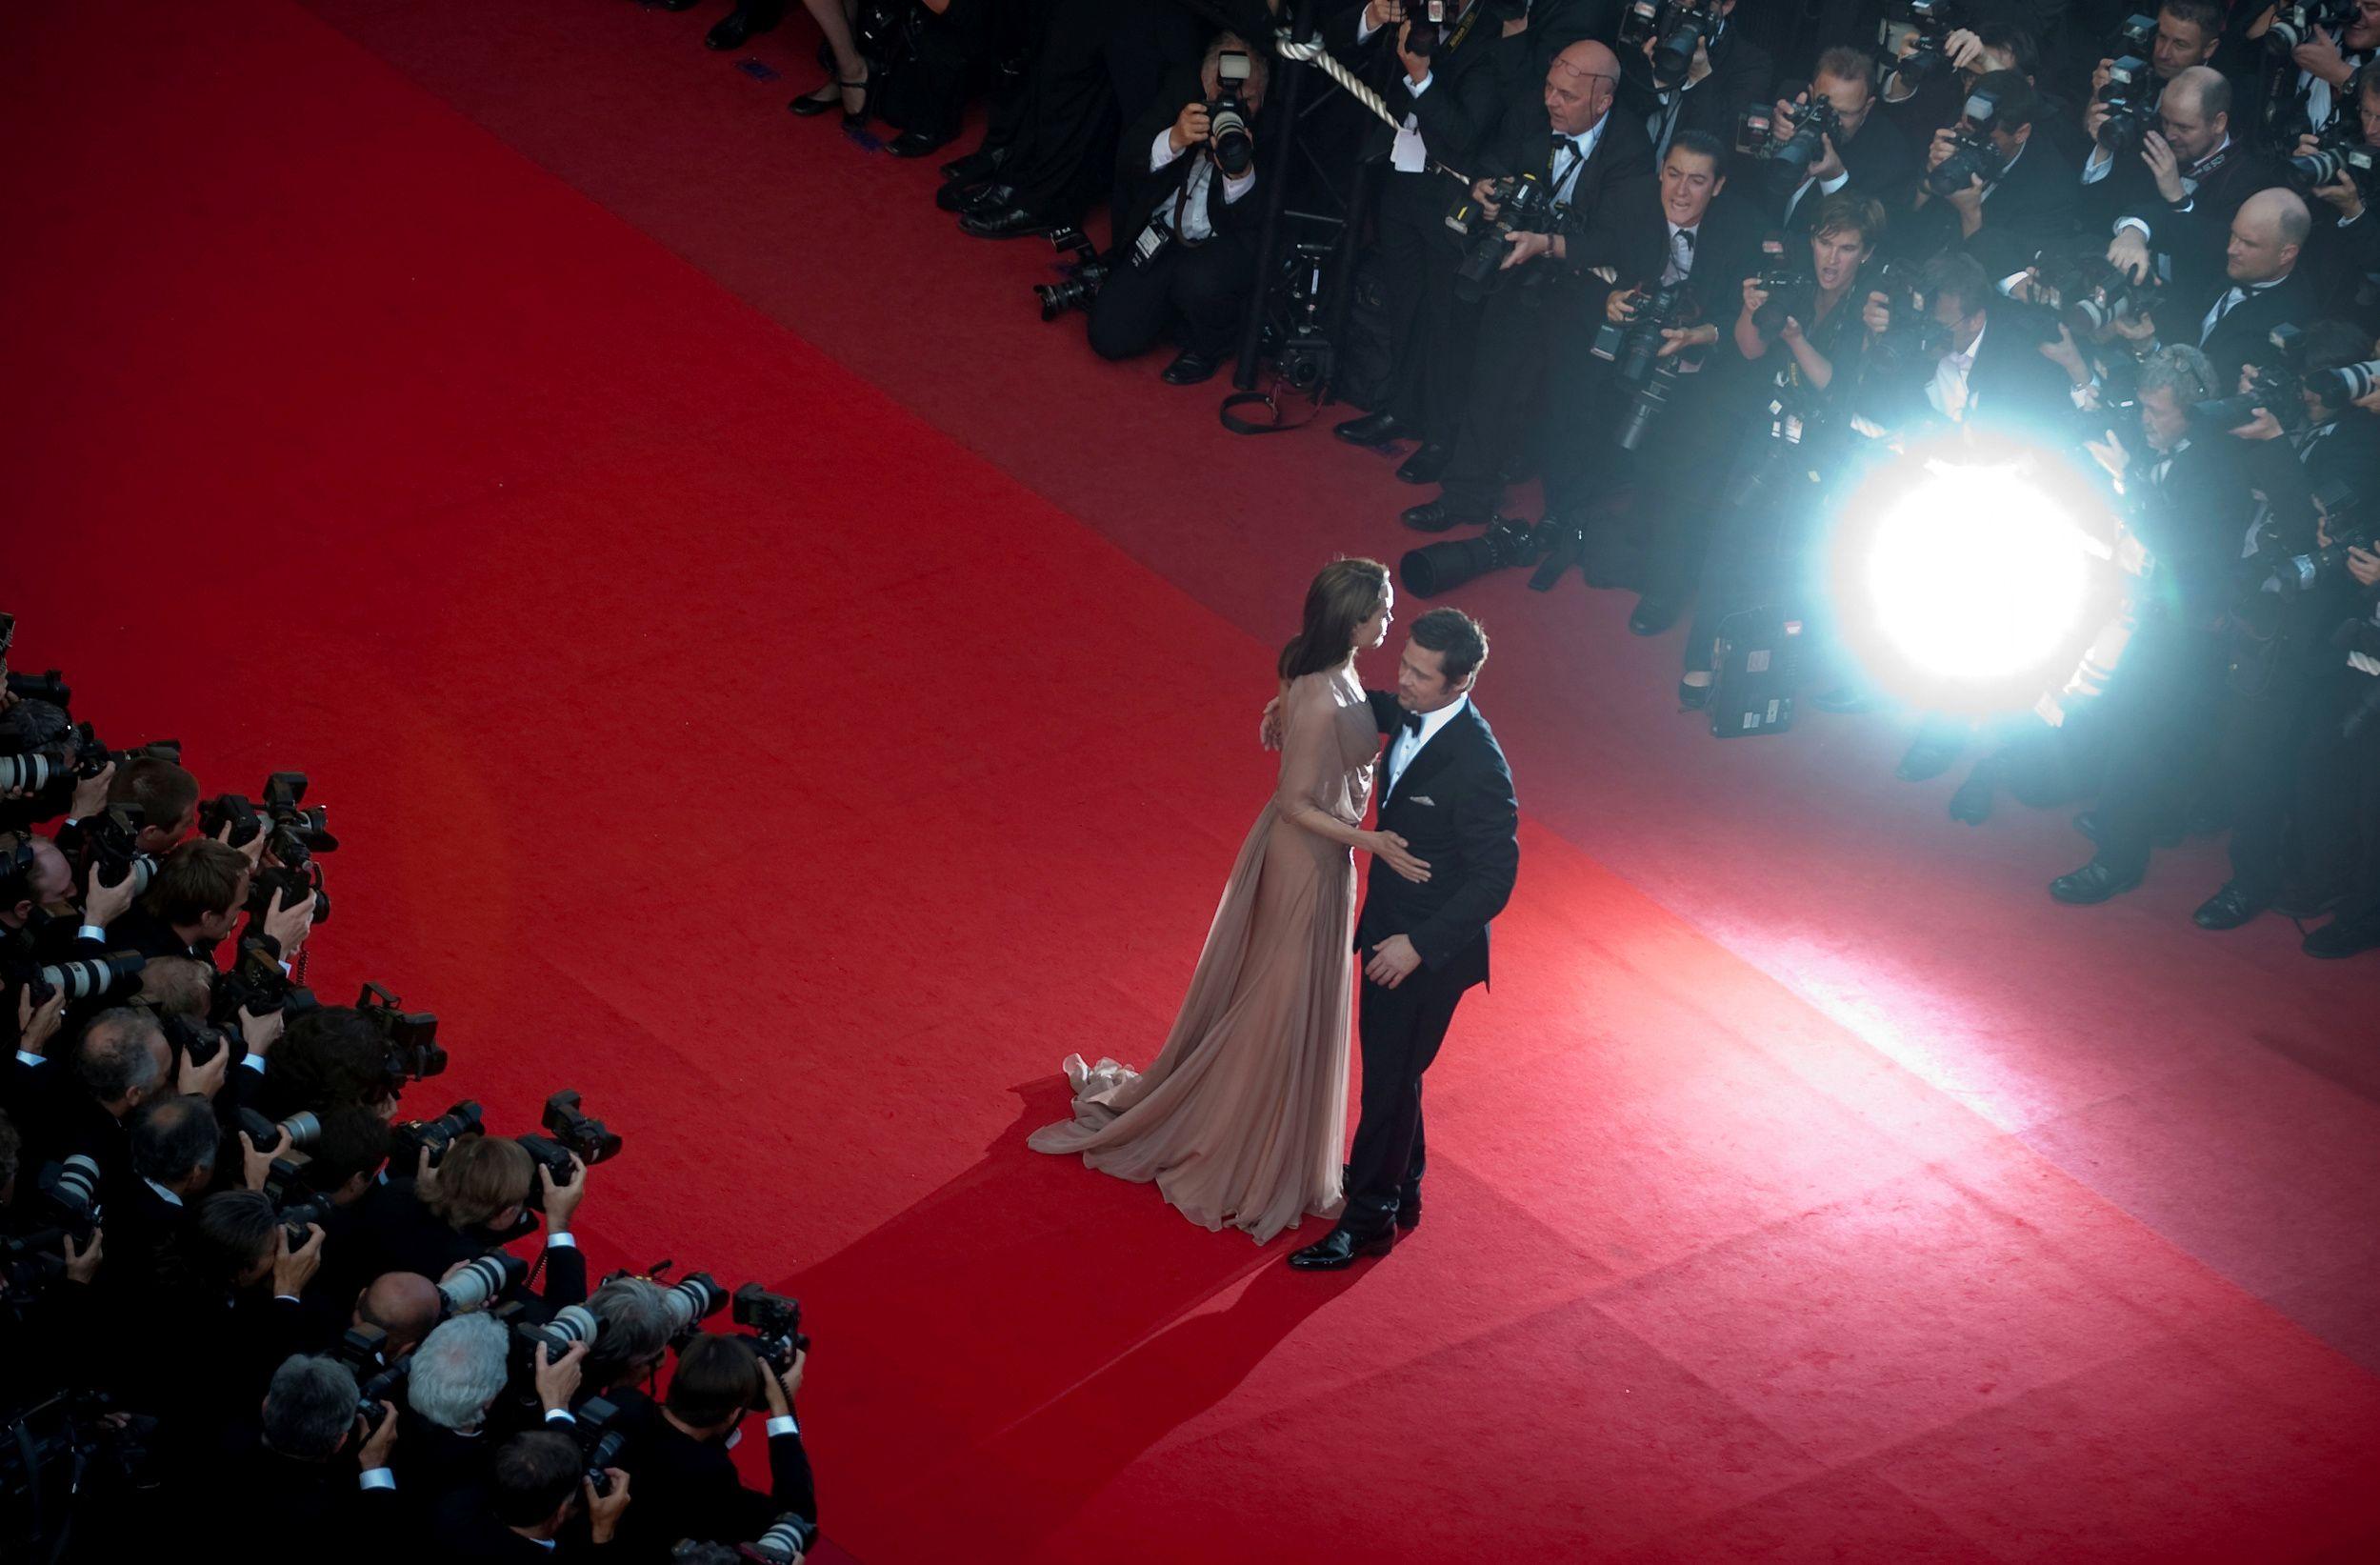 Festival de Cannes : mettez vos burkinis, bande de salopes !